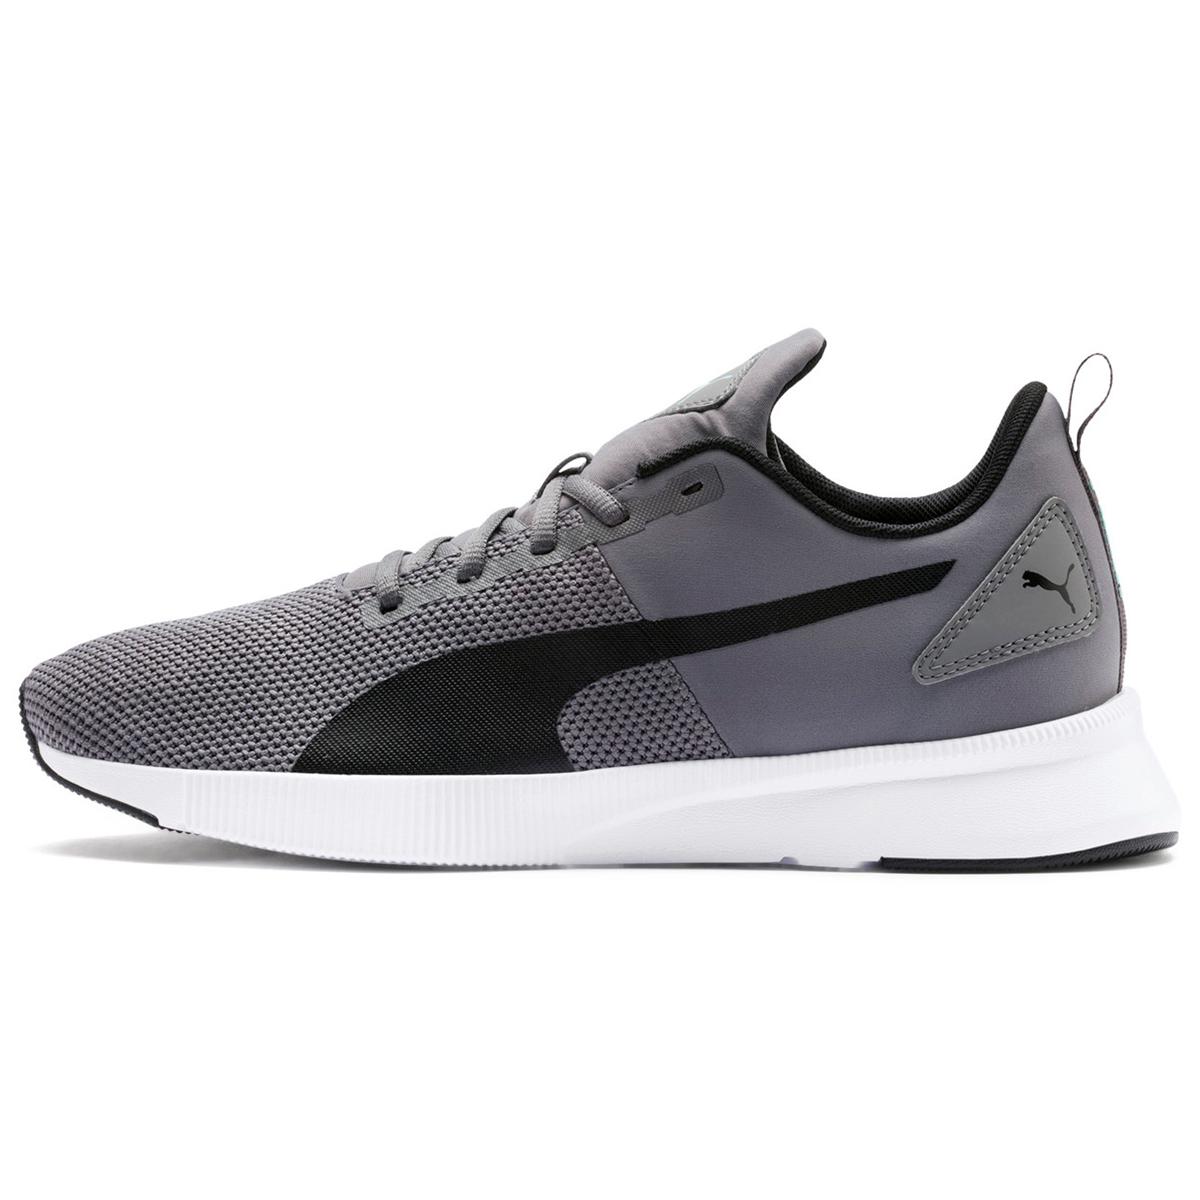 Puma Men's Flyer Runner Shoe - Black, 9